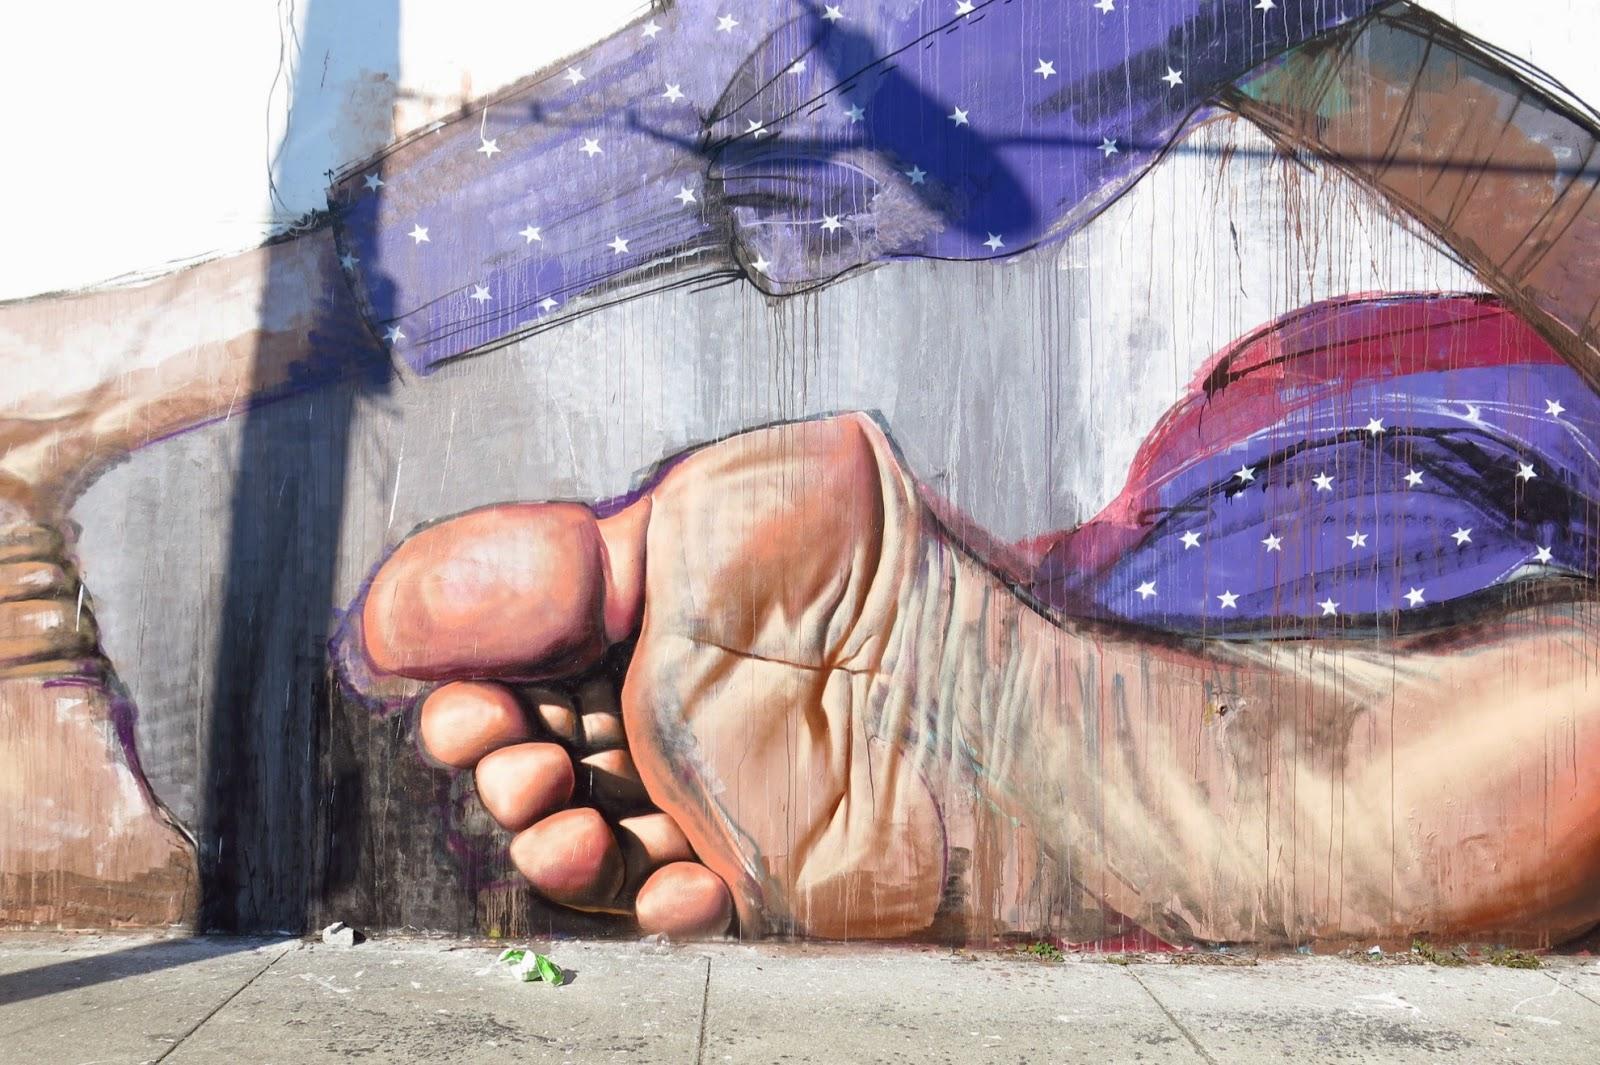 herakut-new-mural-at-art-basel-2014-05